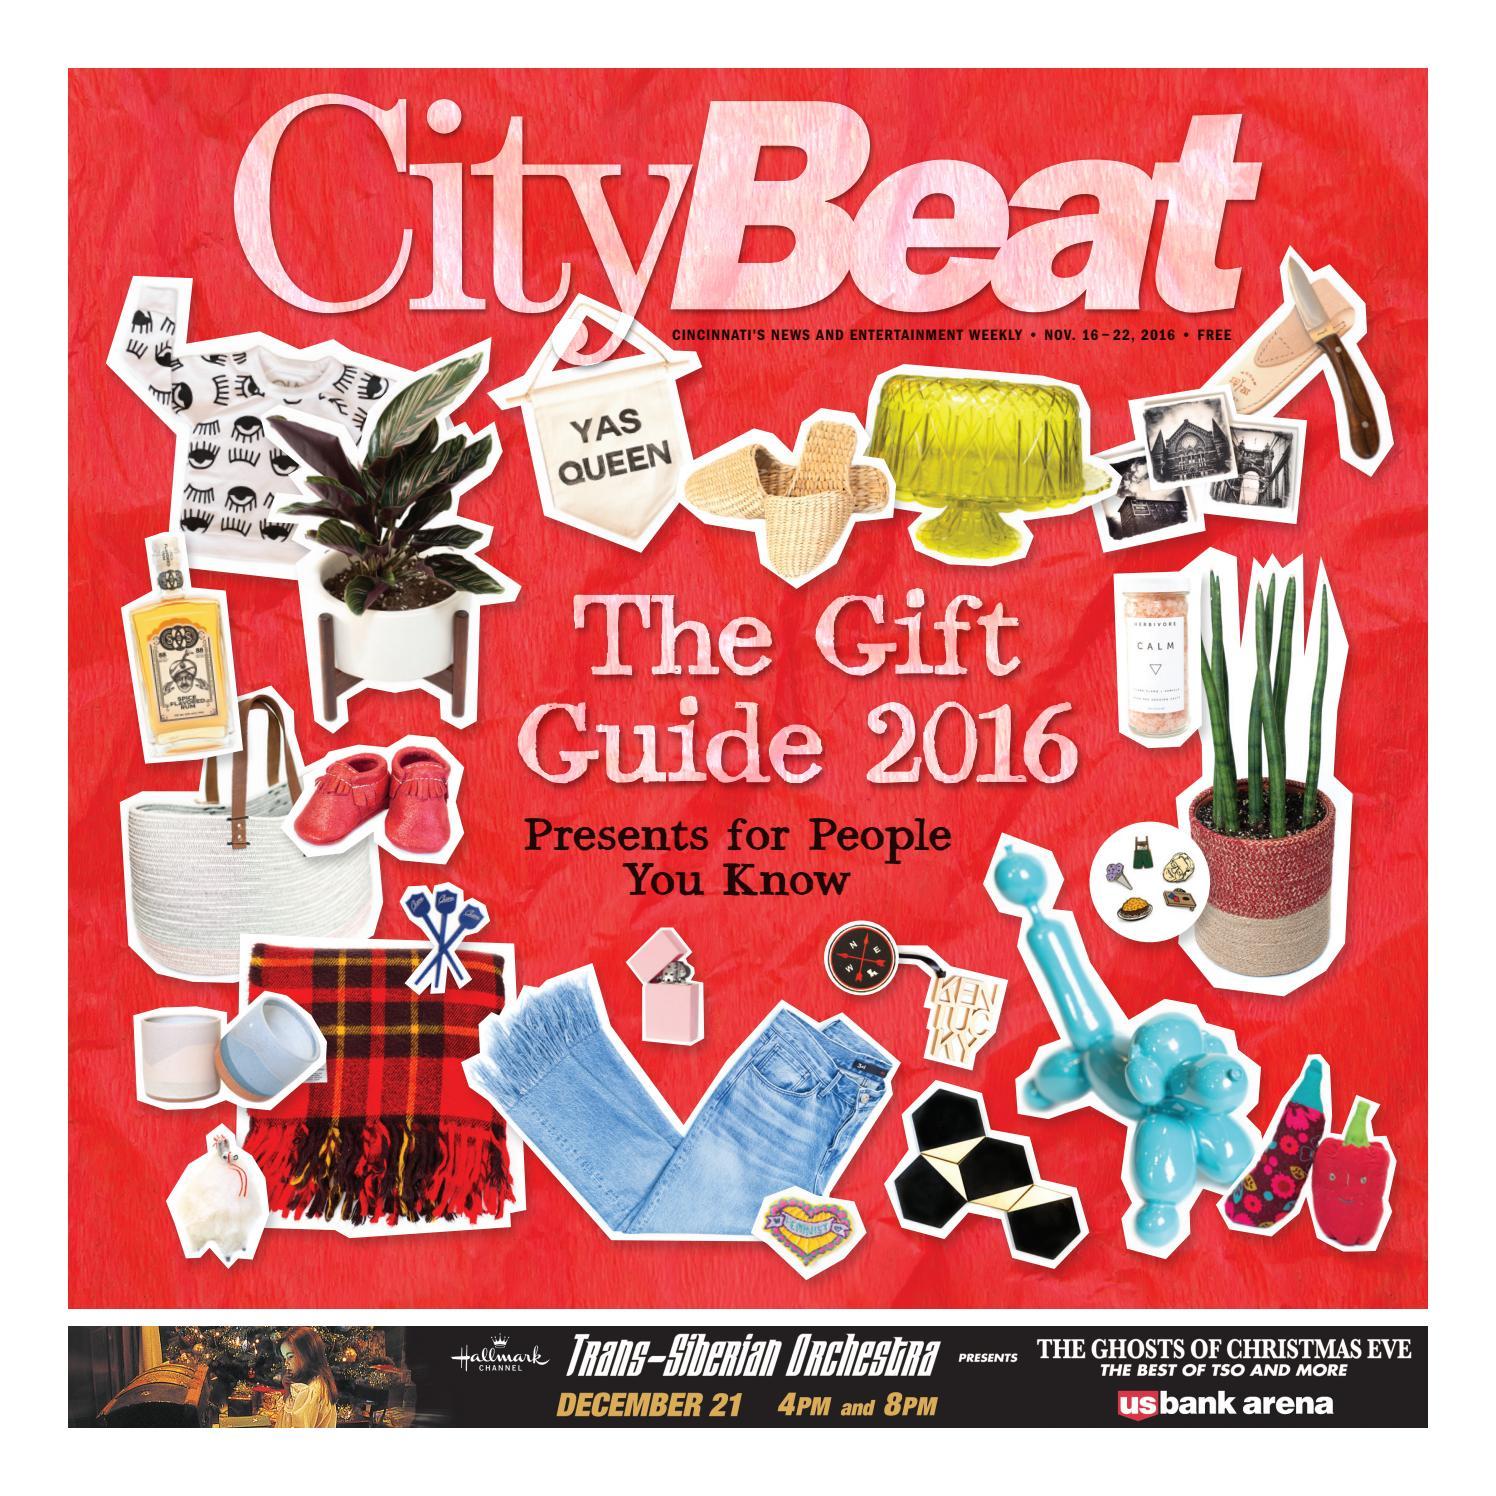 citybeat nov 16 2016